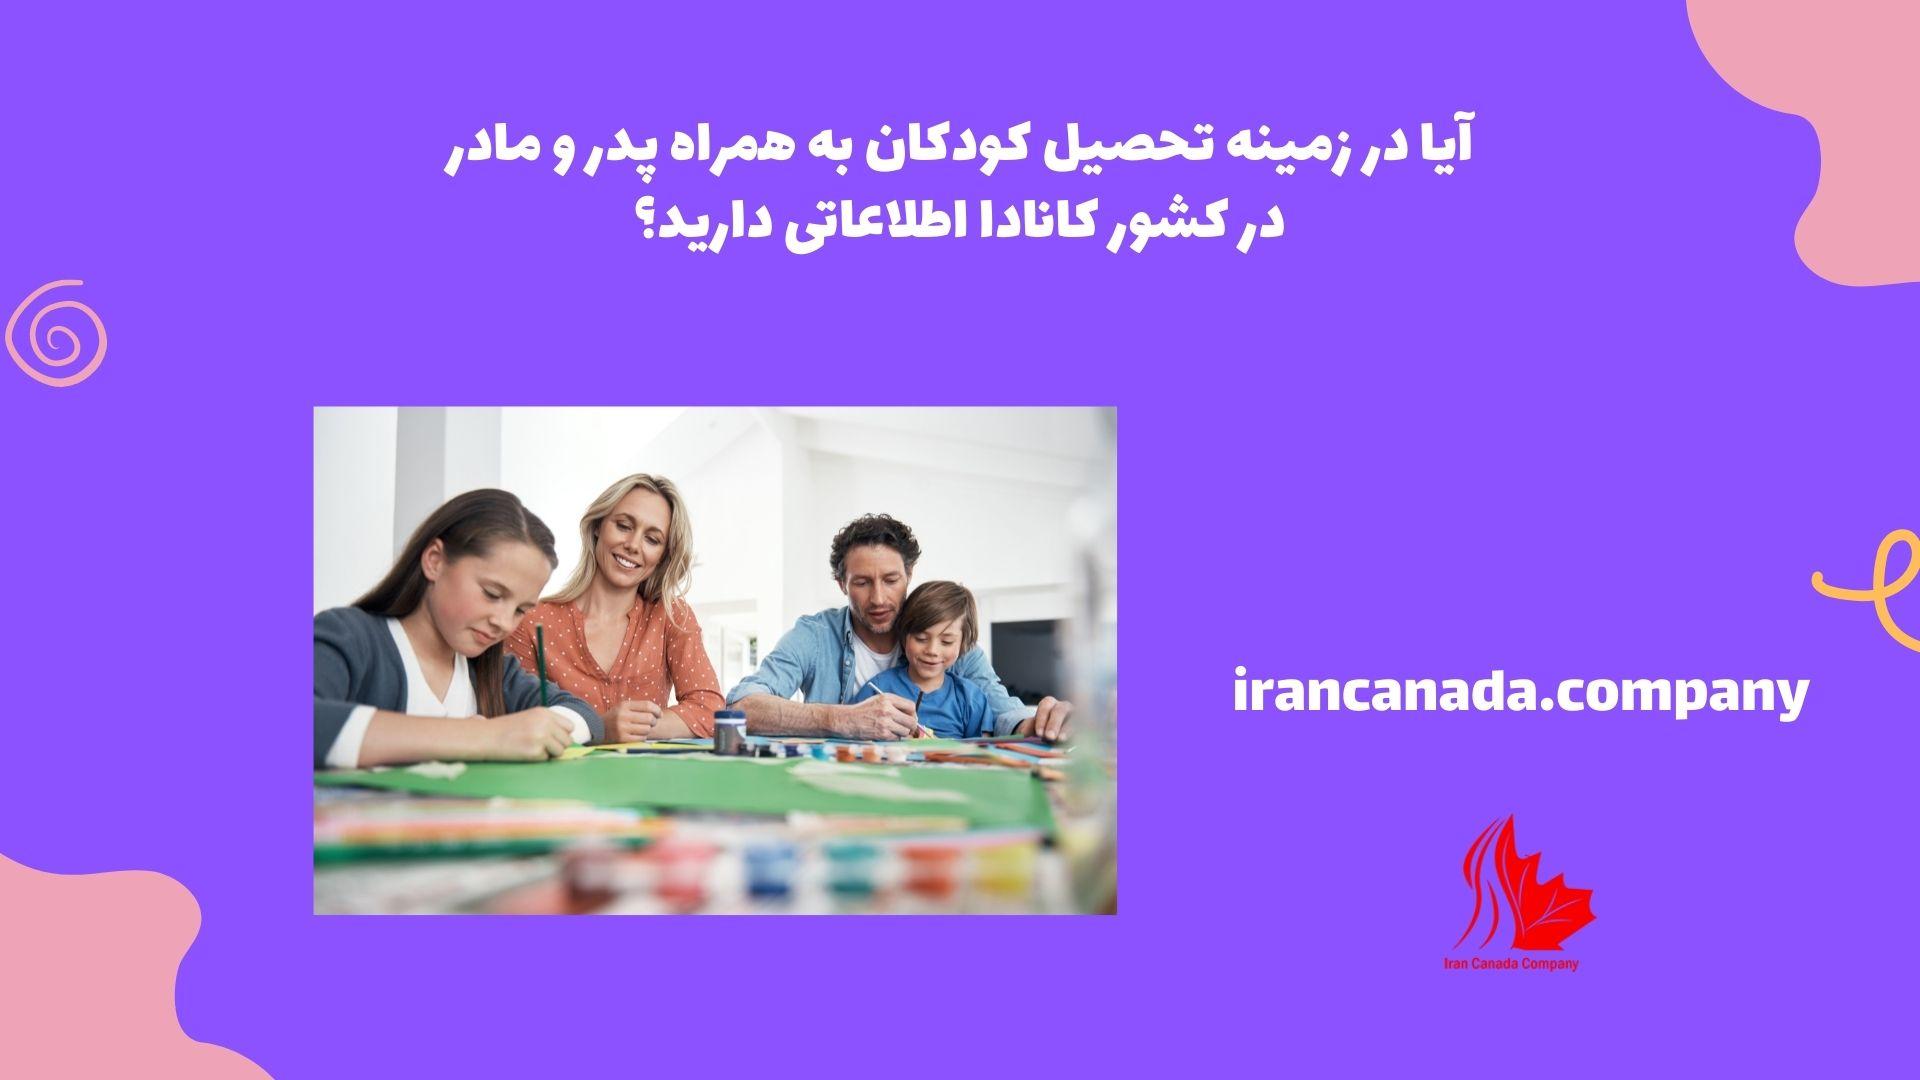 آیا در زمینه تحصیل کودکان به همراه پدر و مادر در کشور کانادا اطلاعاتی دارید؟